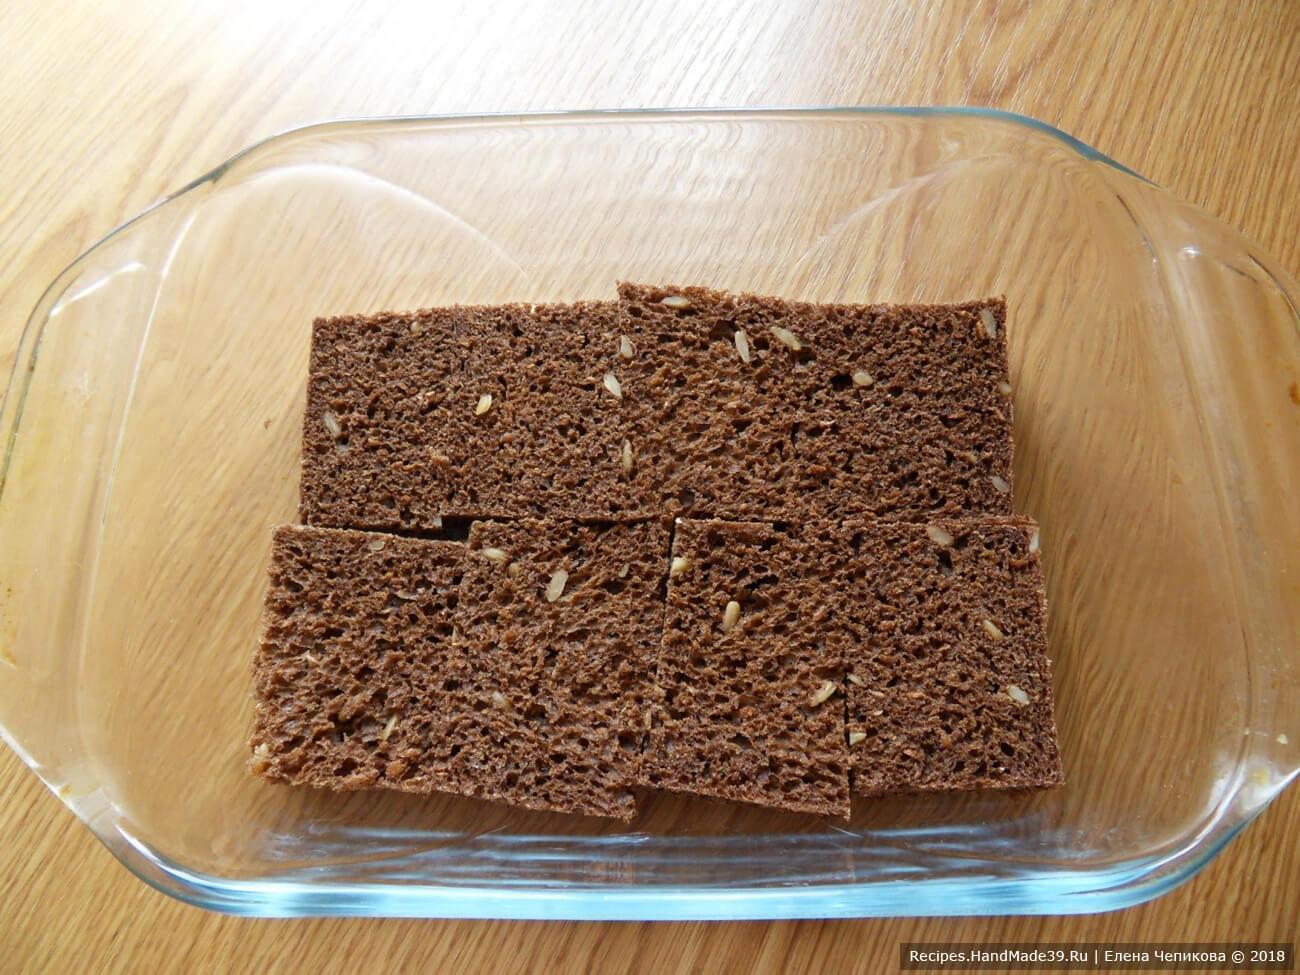 С хлебных ломтиков срезать корочки